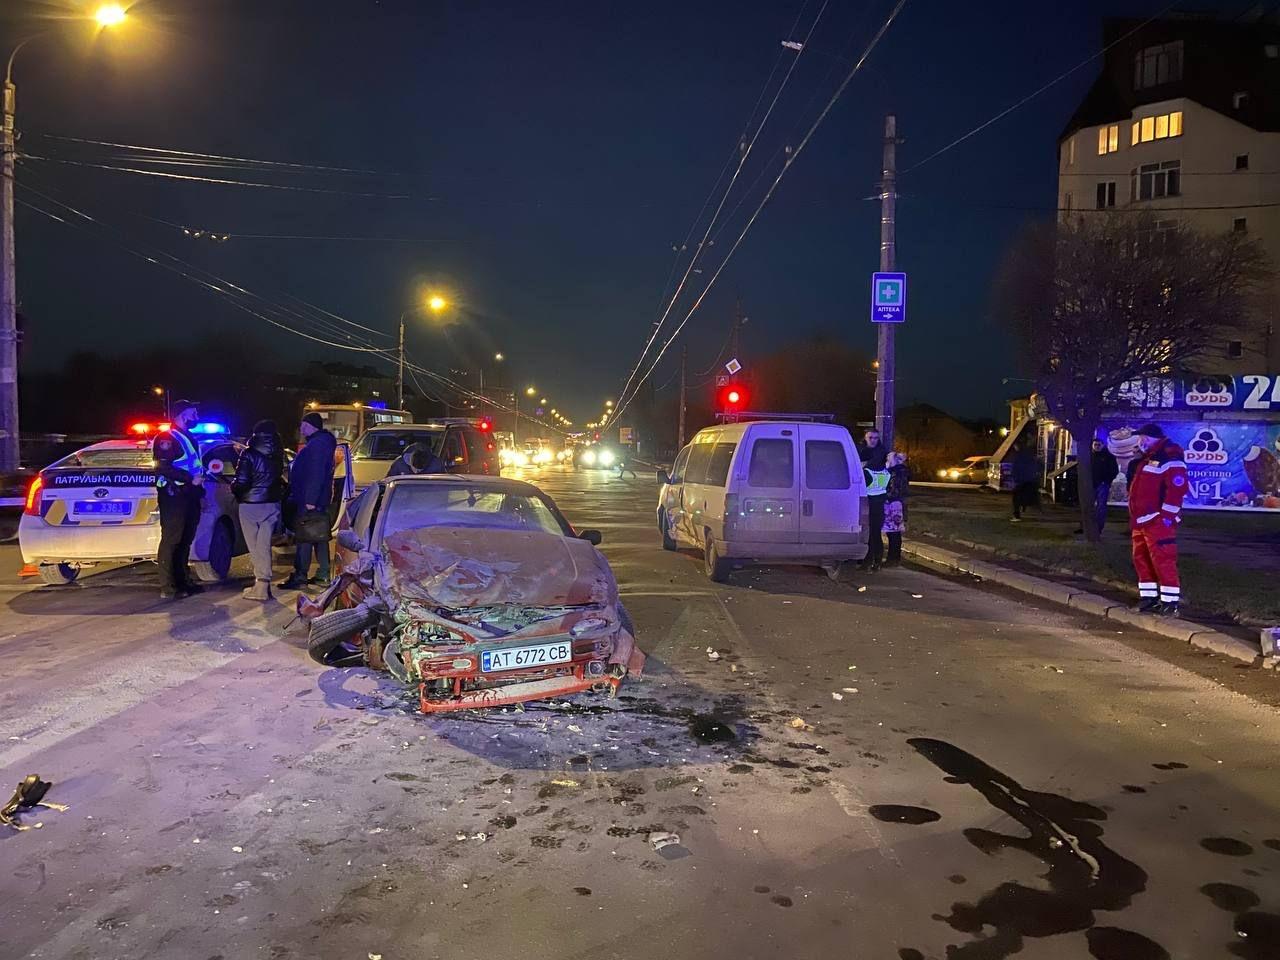 У Франківську сталася ДТП за участі п'яти авто. Один водій у лікарні (ФОТО)